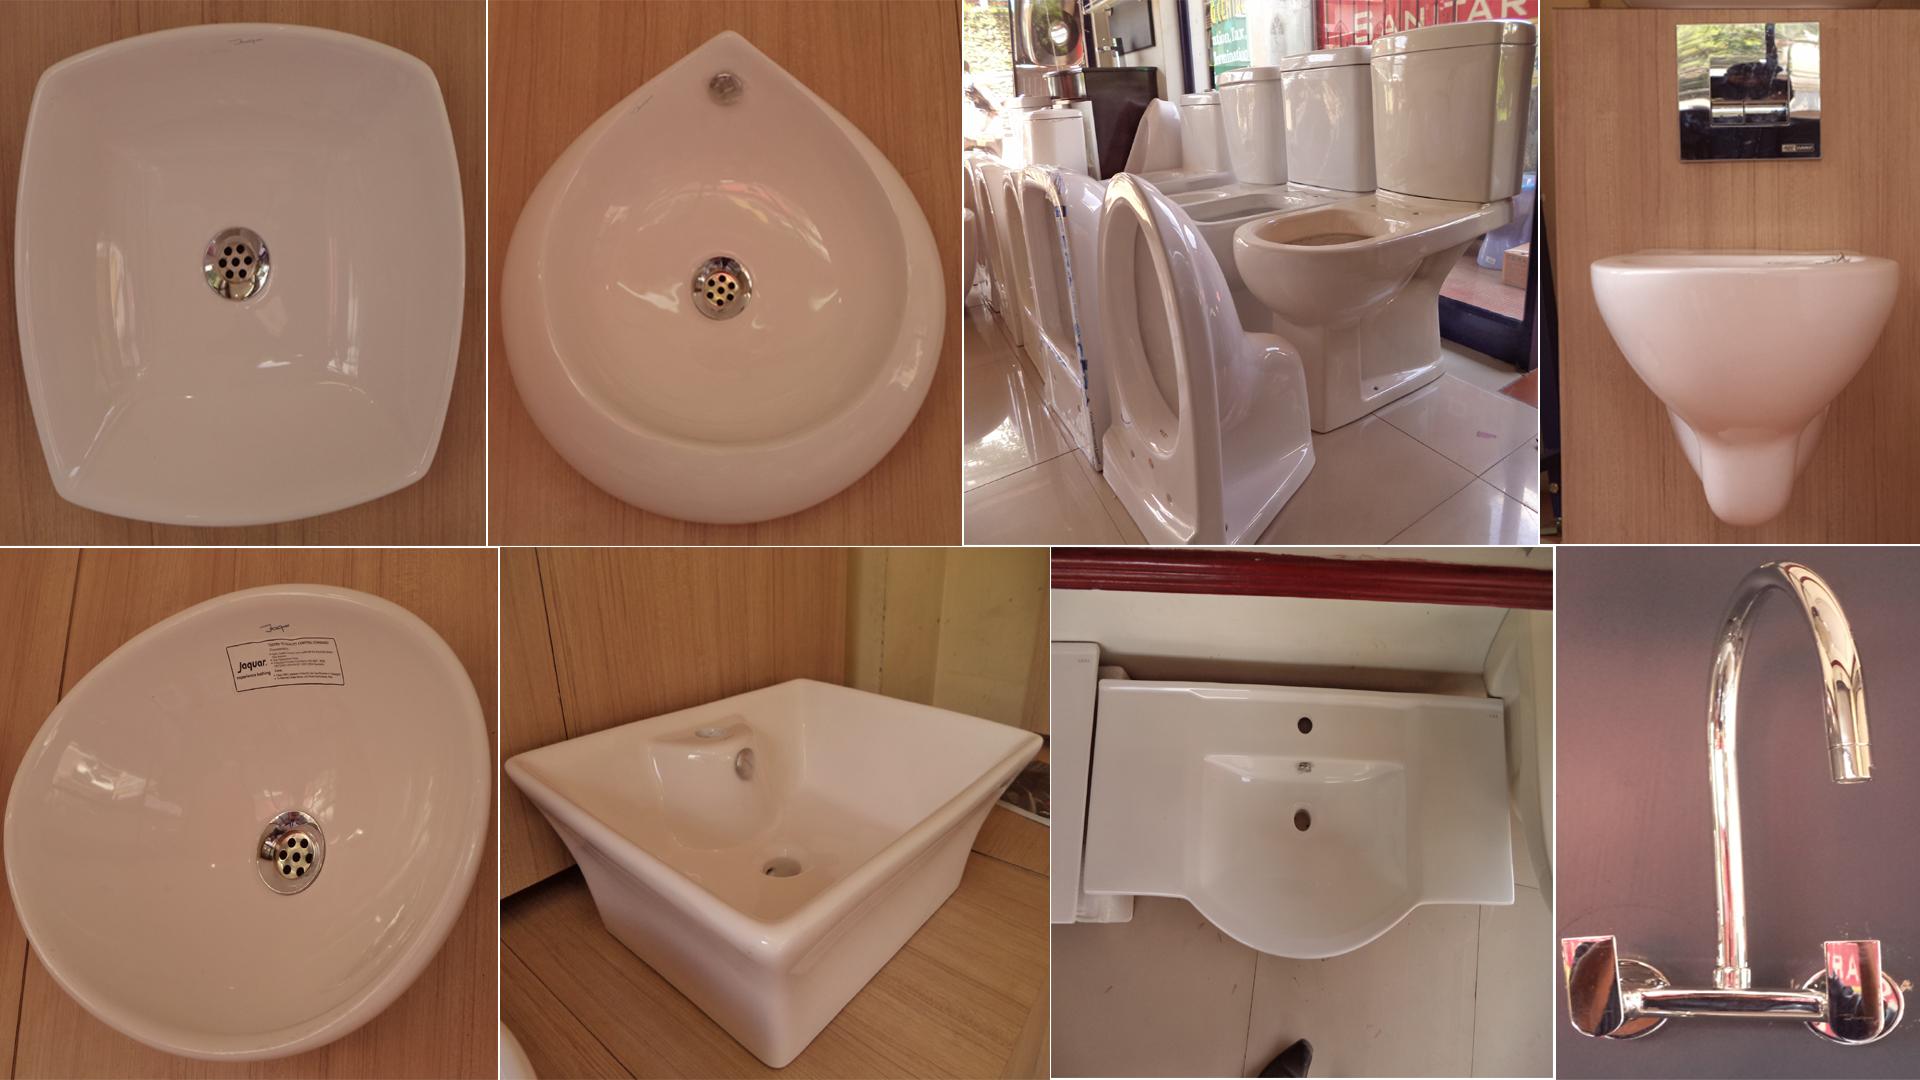 Jaquar bathroom fittings pune - Kottayam Sanitary Centre Sanitary Shop In Kottayam Town Collectorate Junction